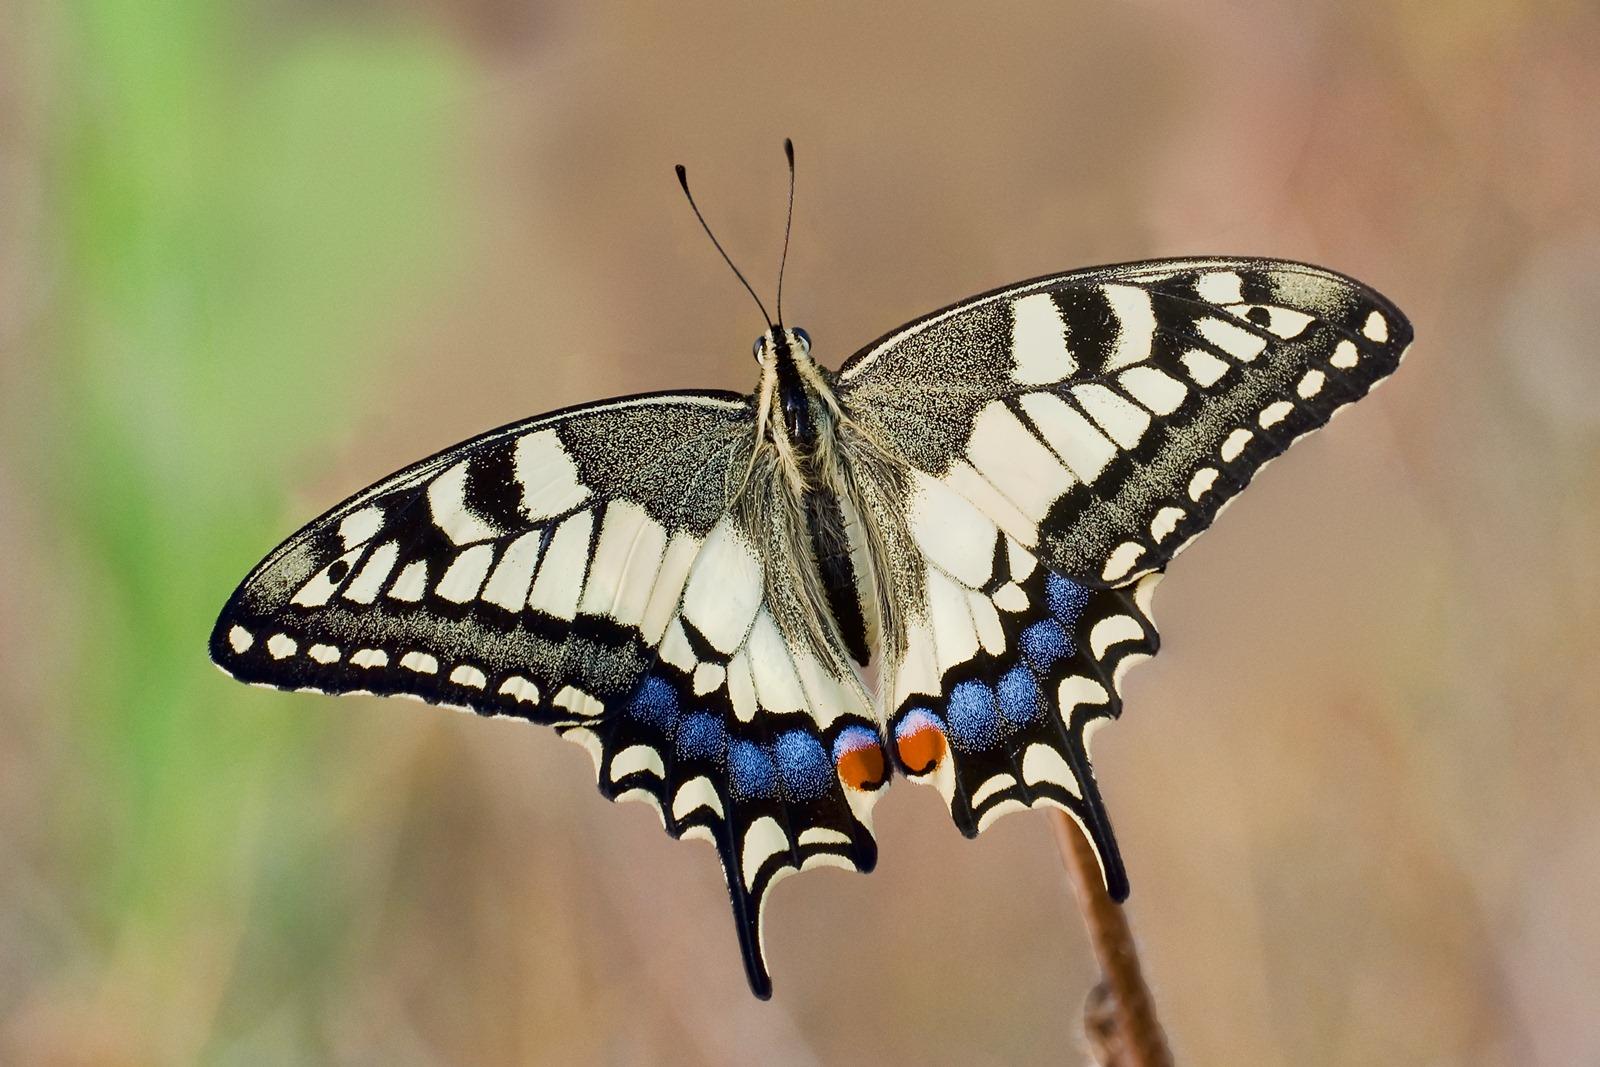 Reconstructions 3d de l int rieur d une chrysalide lors de sa m tamorphose en papillon vid o - Images de papillon ...